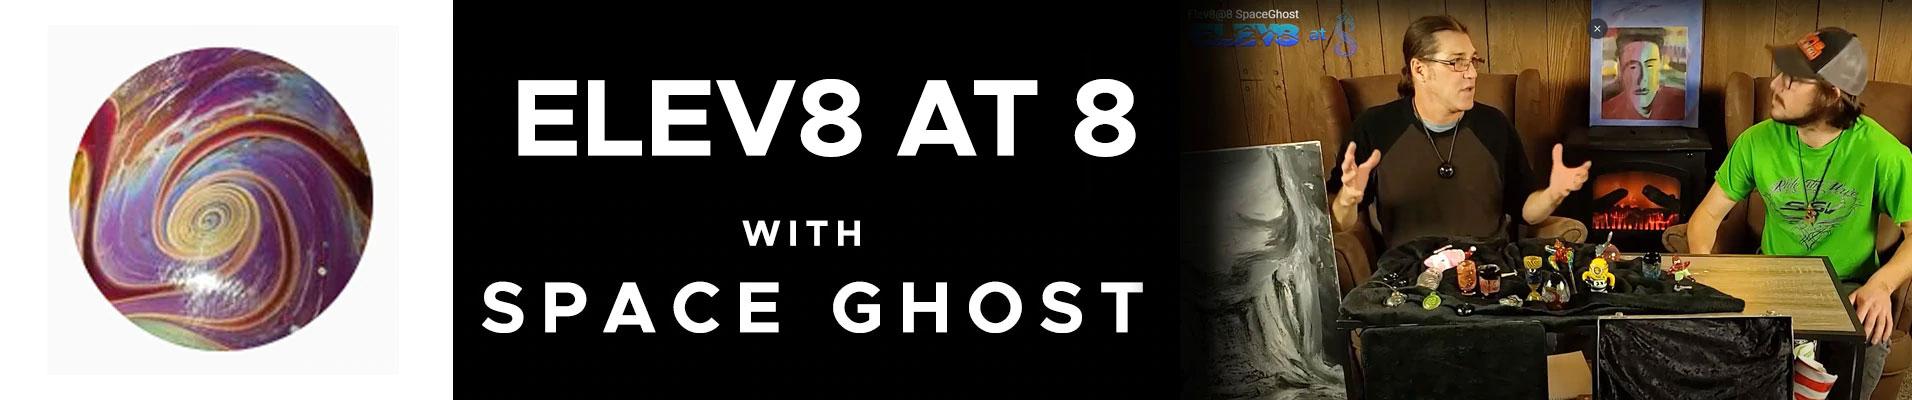 10-space-ghost.jpg